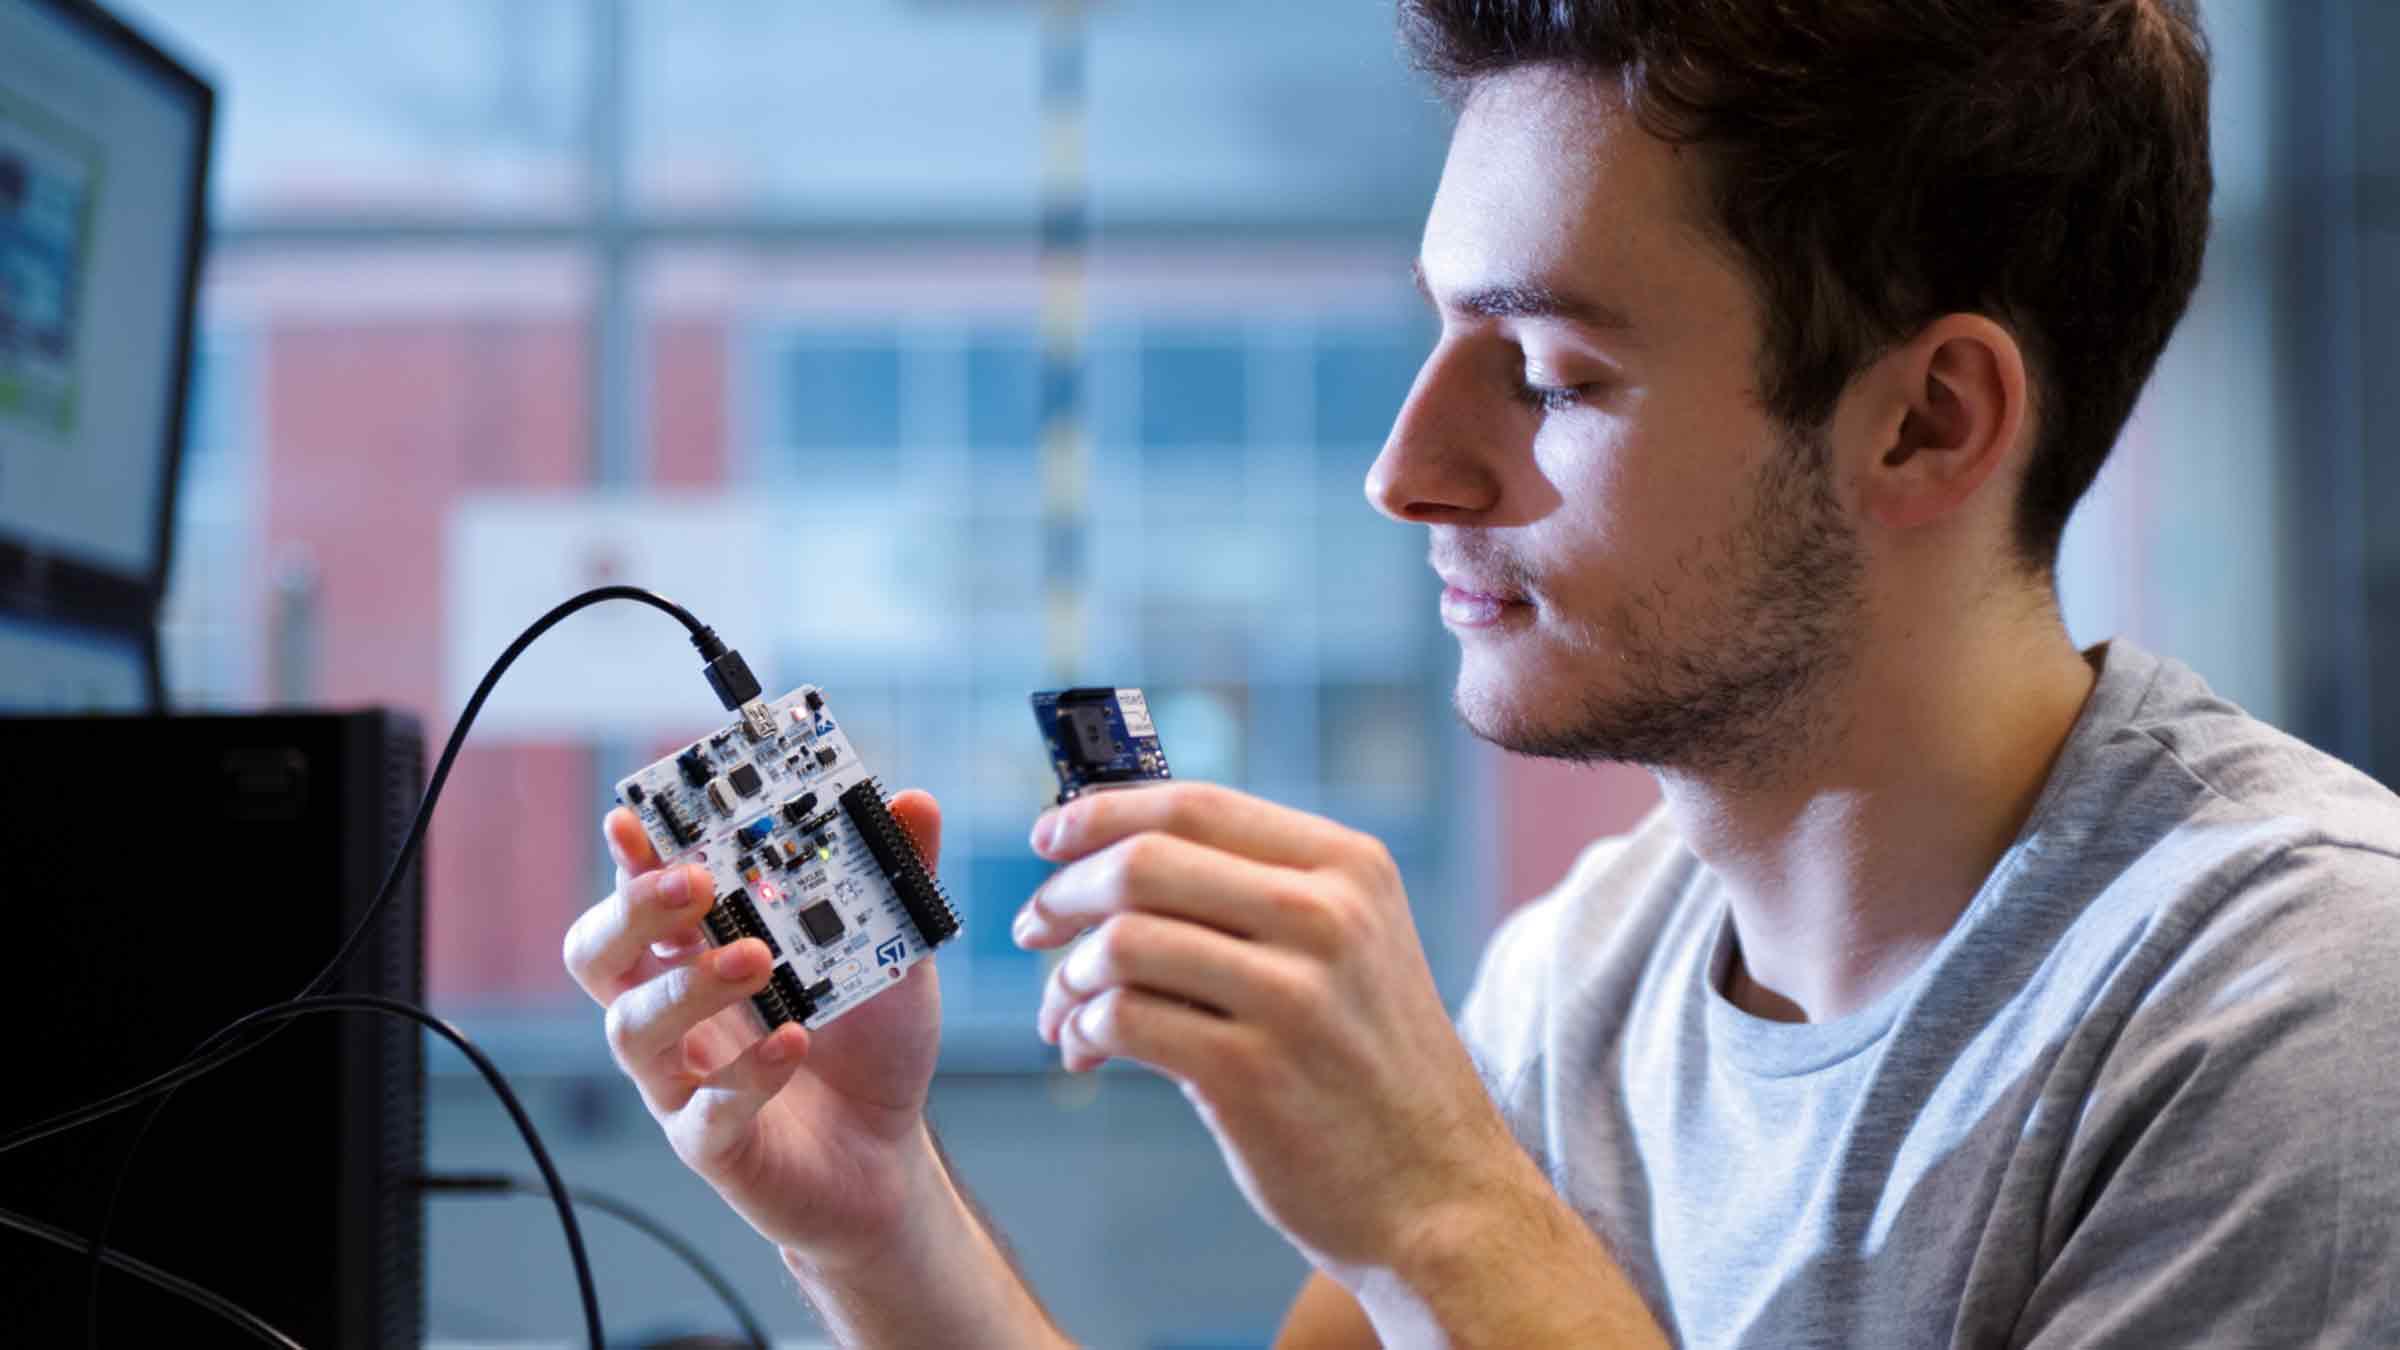 Компьютерные науки - популярная специальность. Фото: chester.ac.uk